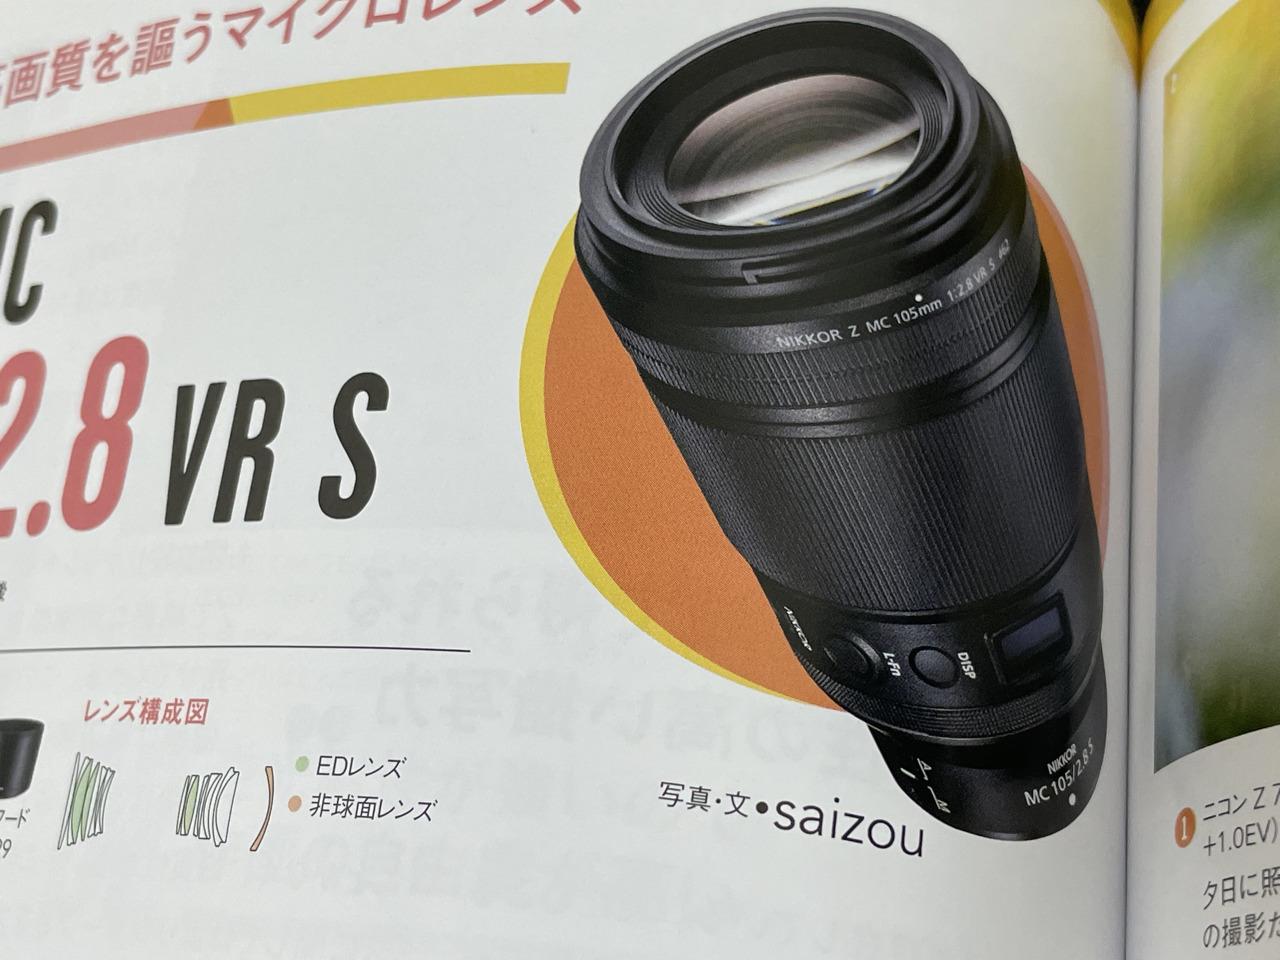 NIKKOR Z MC 105mm f/2.8 VR S記事